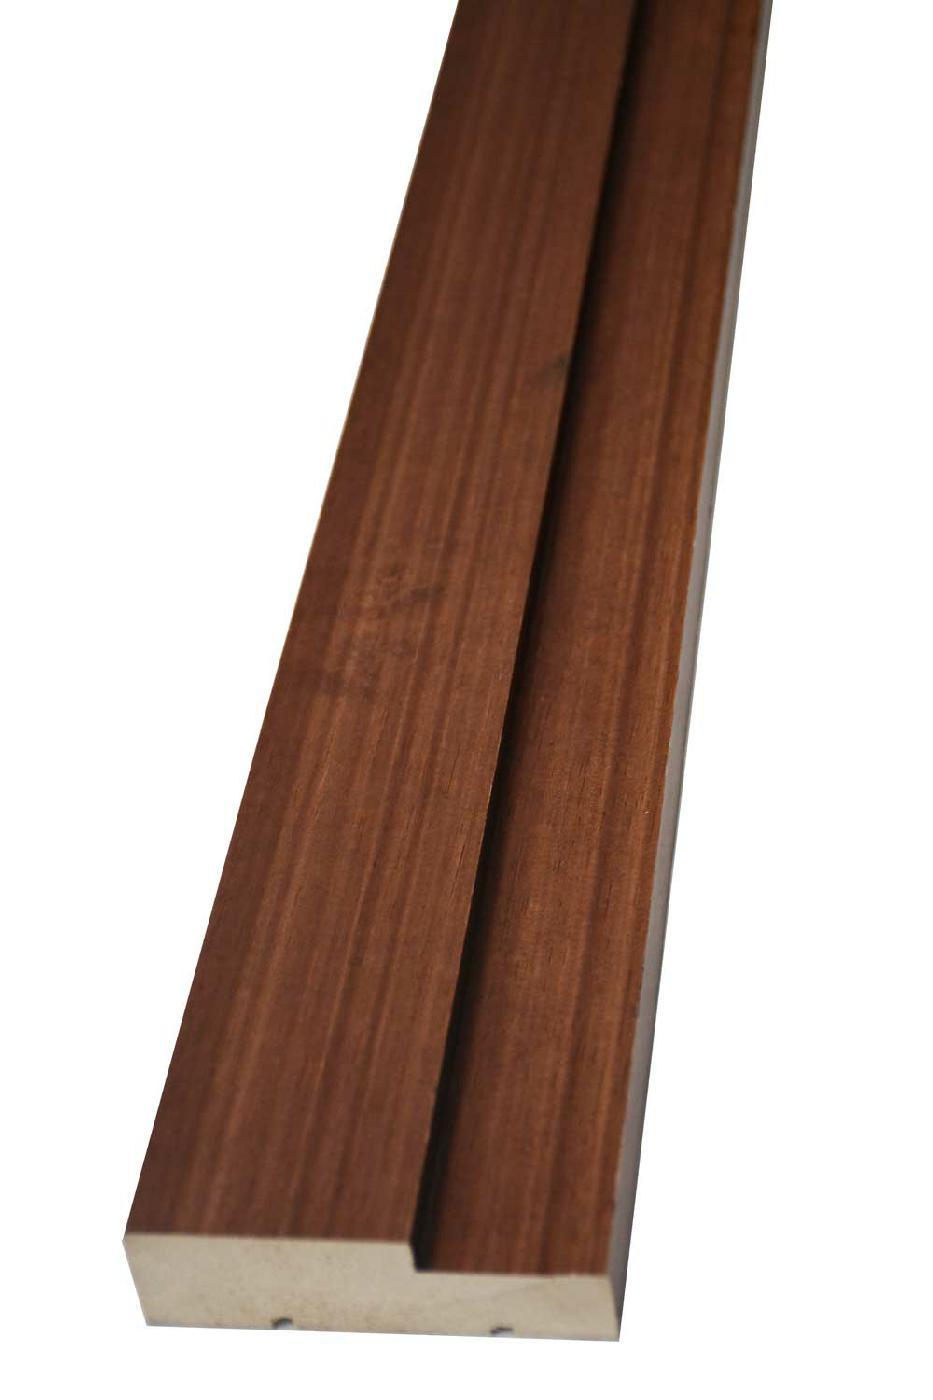 Marcos para puertas de madera precios materiales de for Precios en puertas de madera